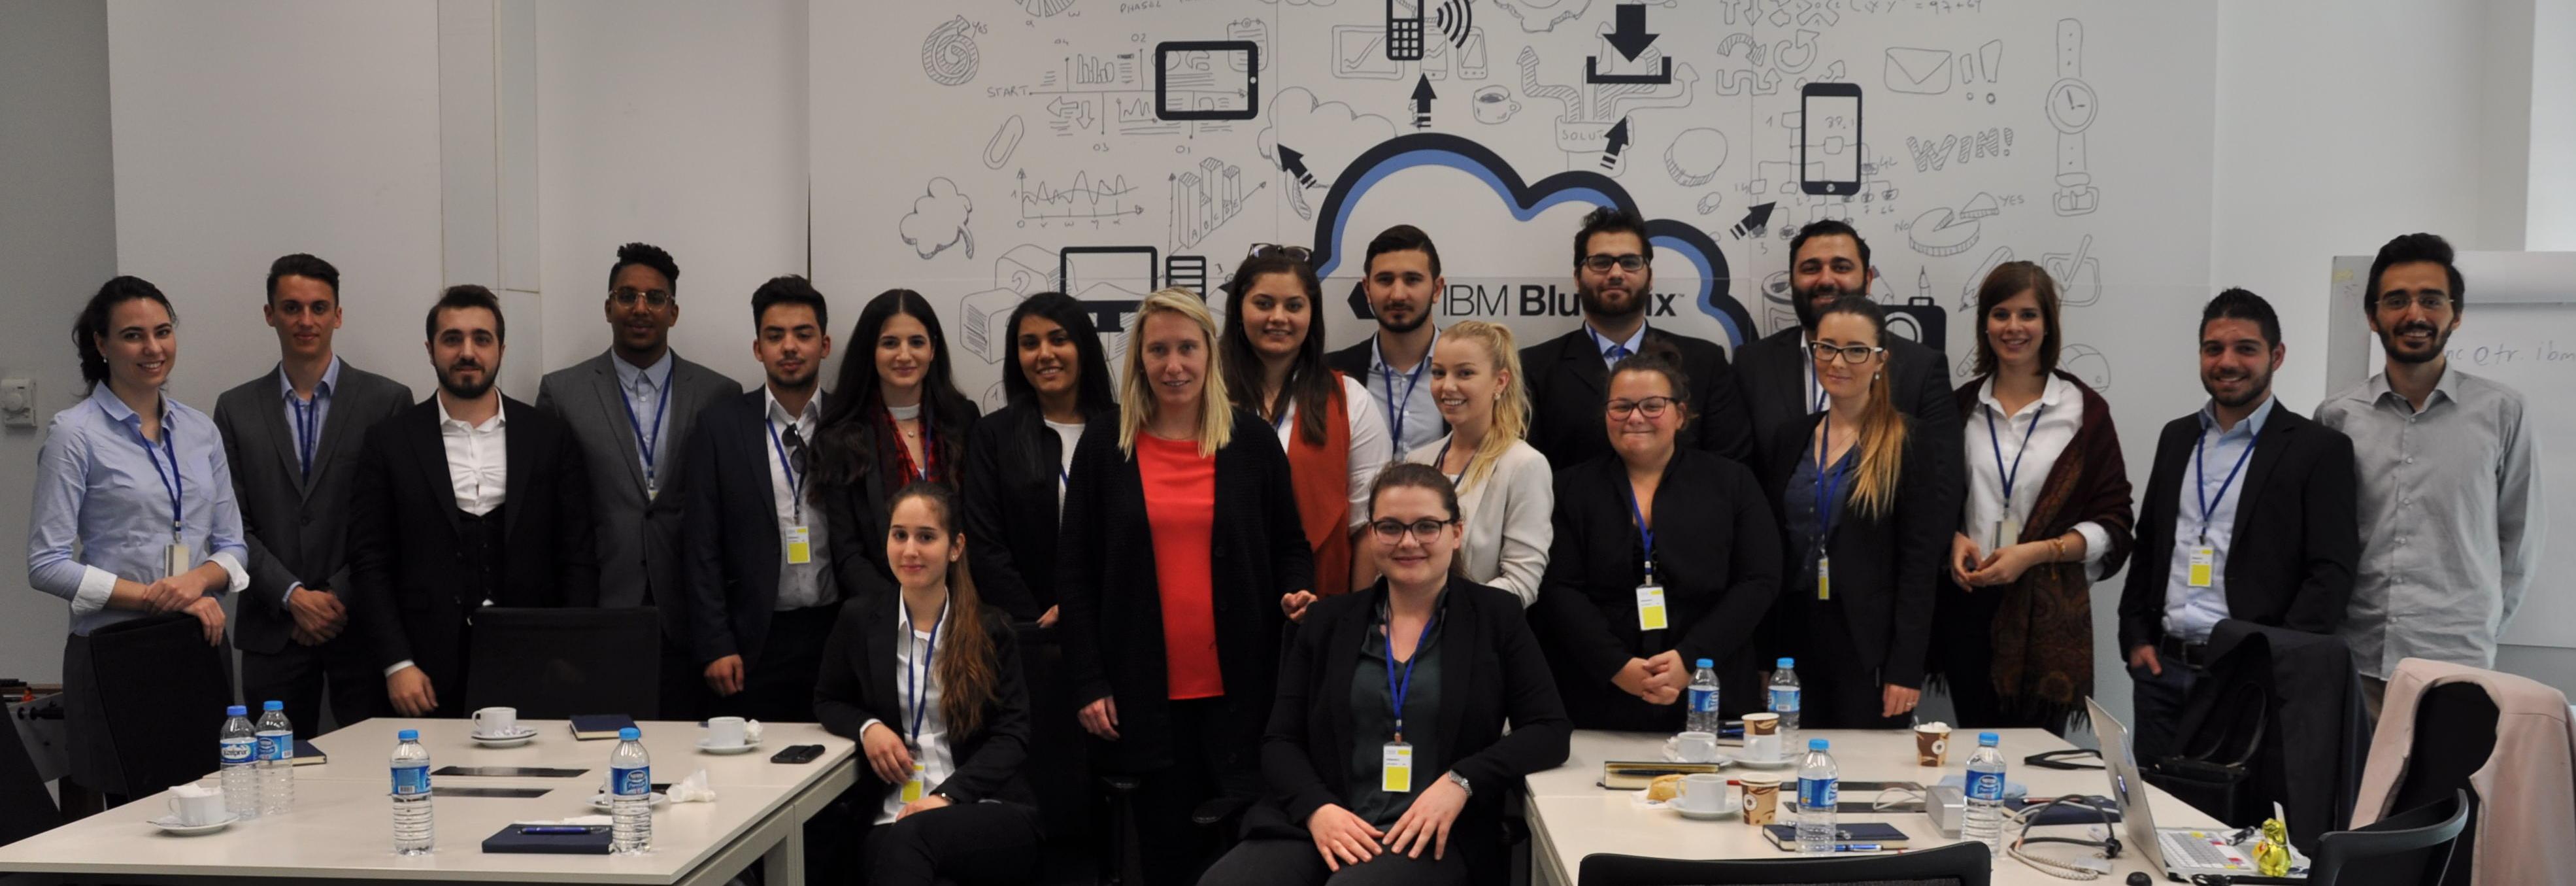 IBM HQ Istanbul